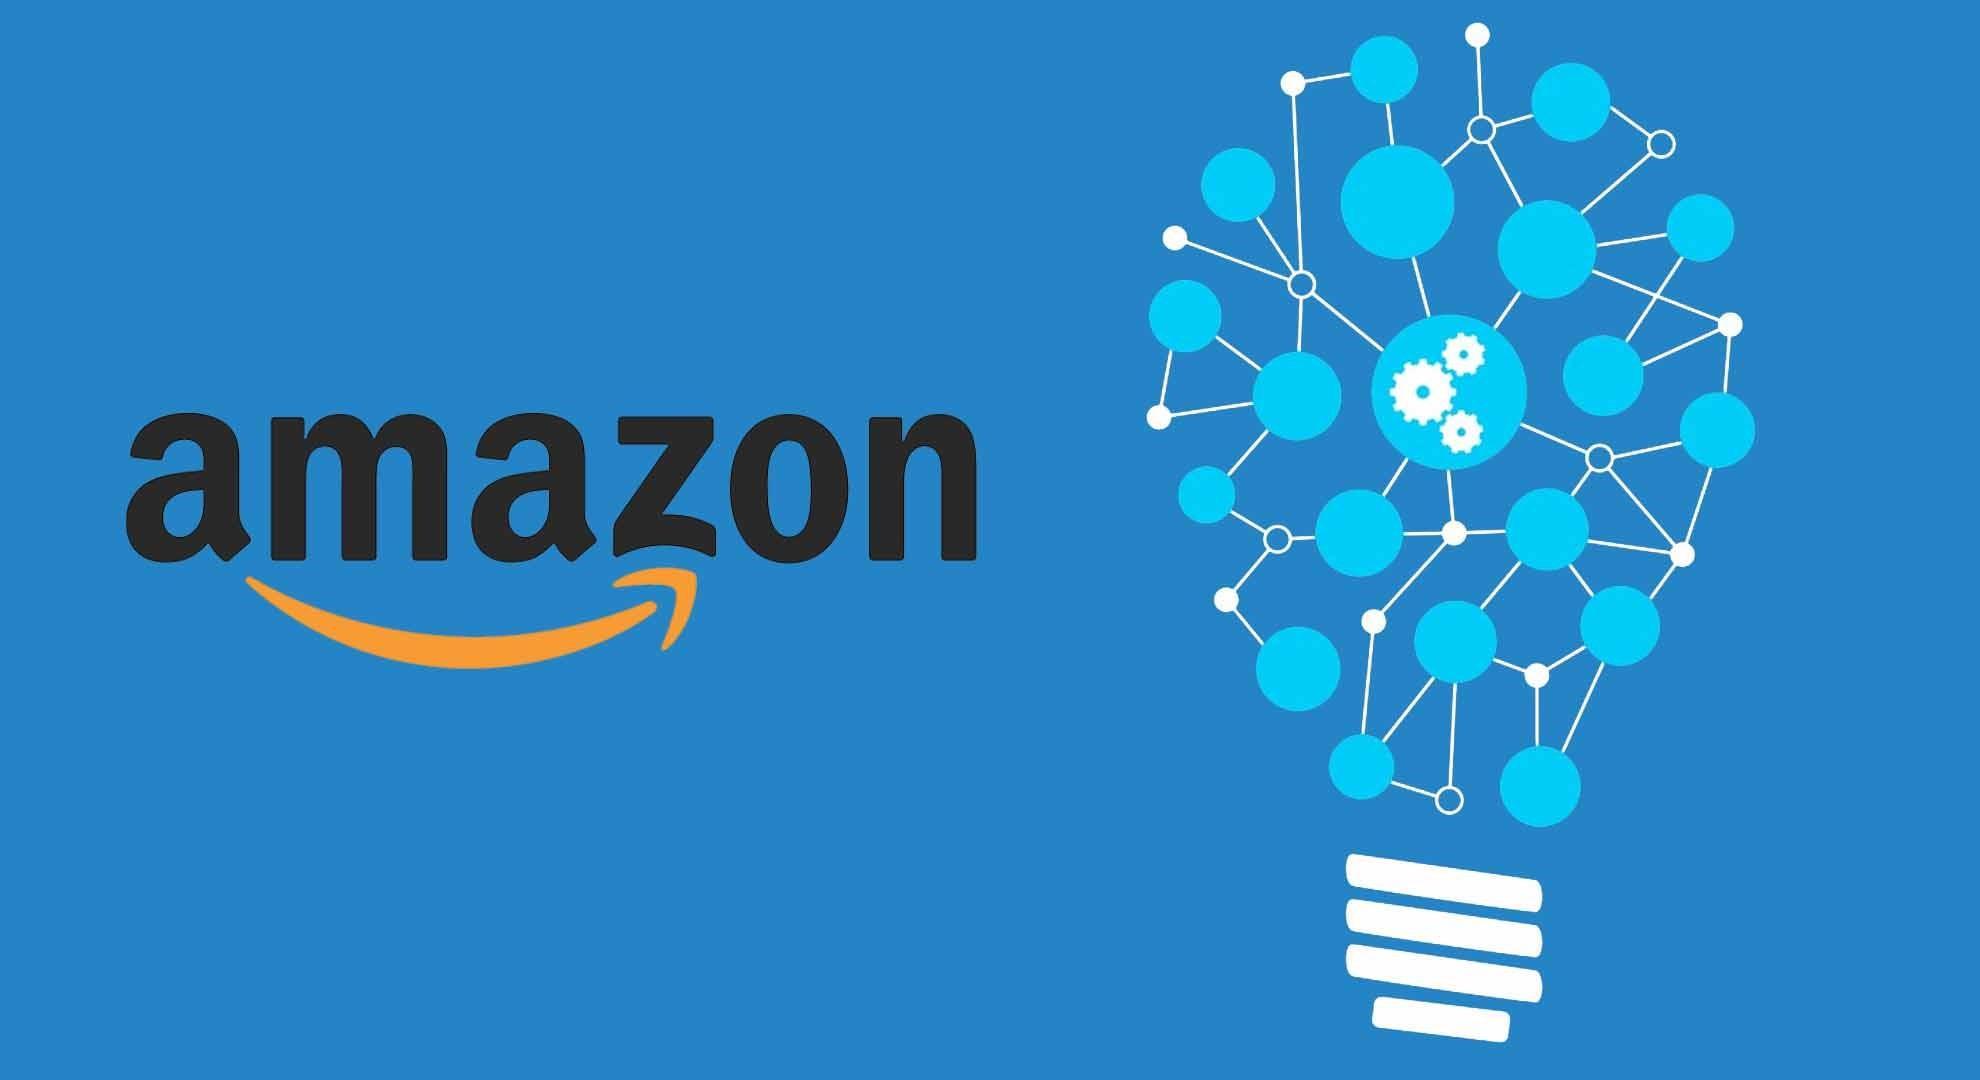 Искусственный интеллект Amazon поможет примерить наряды до оформления покупки